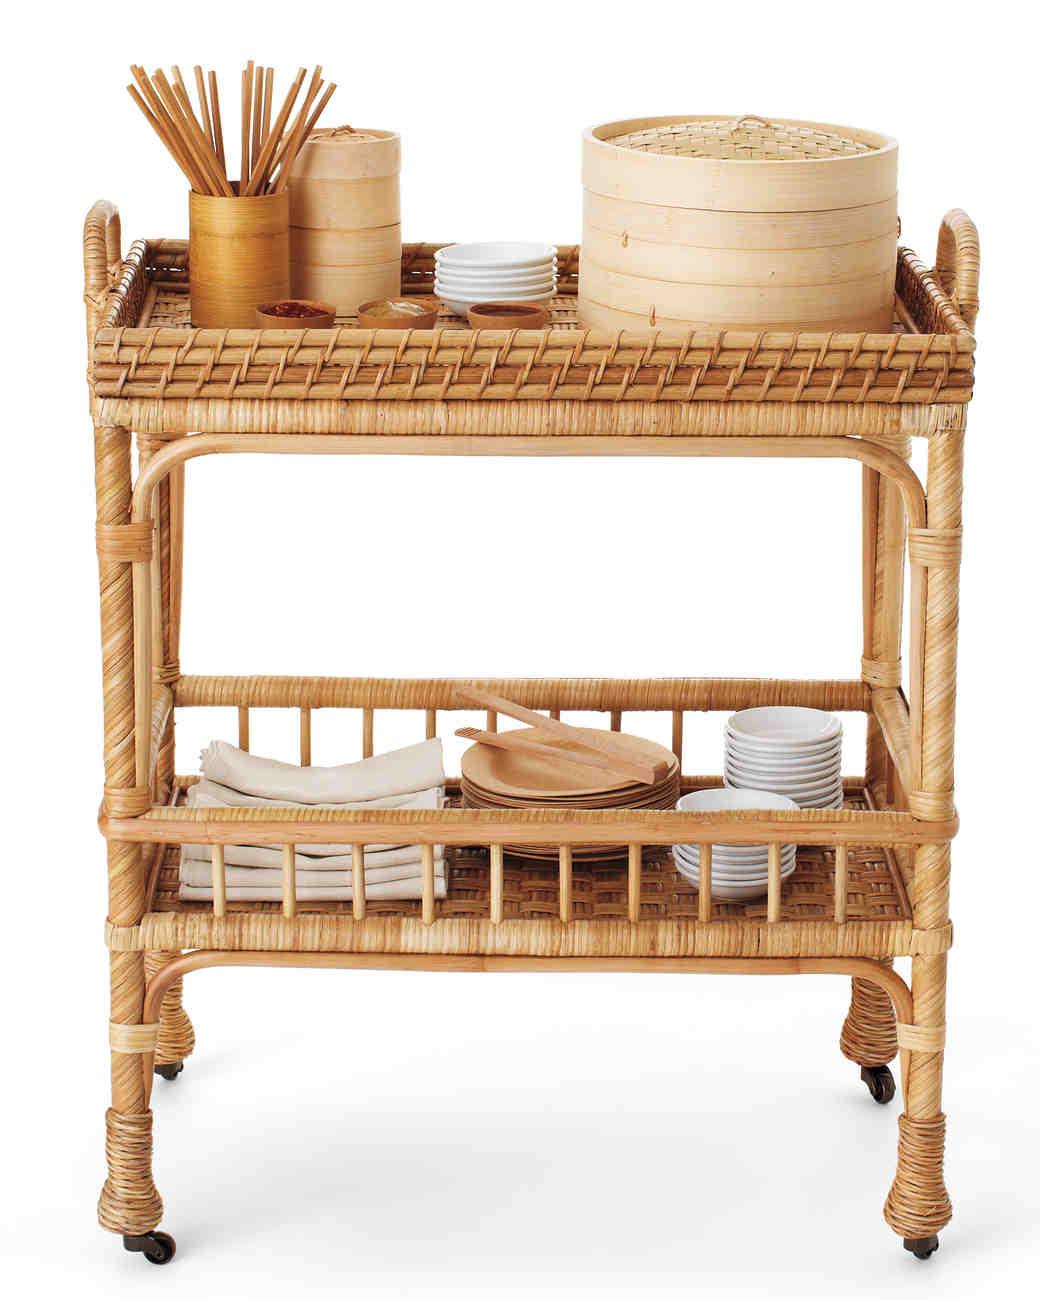 bar-cart-bamboo-080-mwd110589.jpg